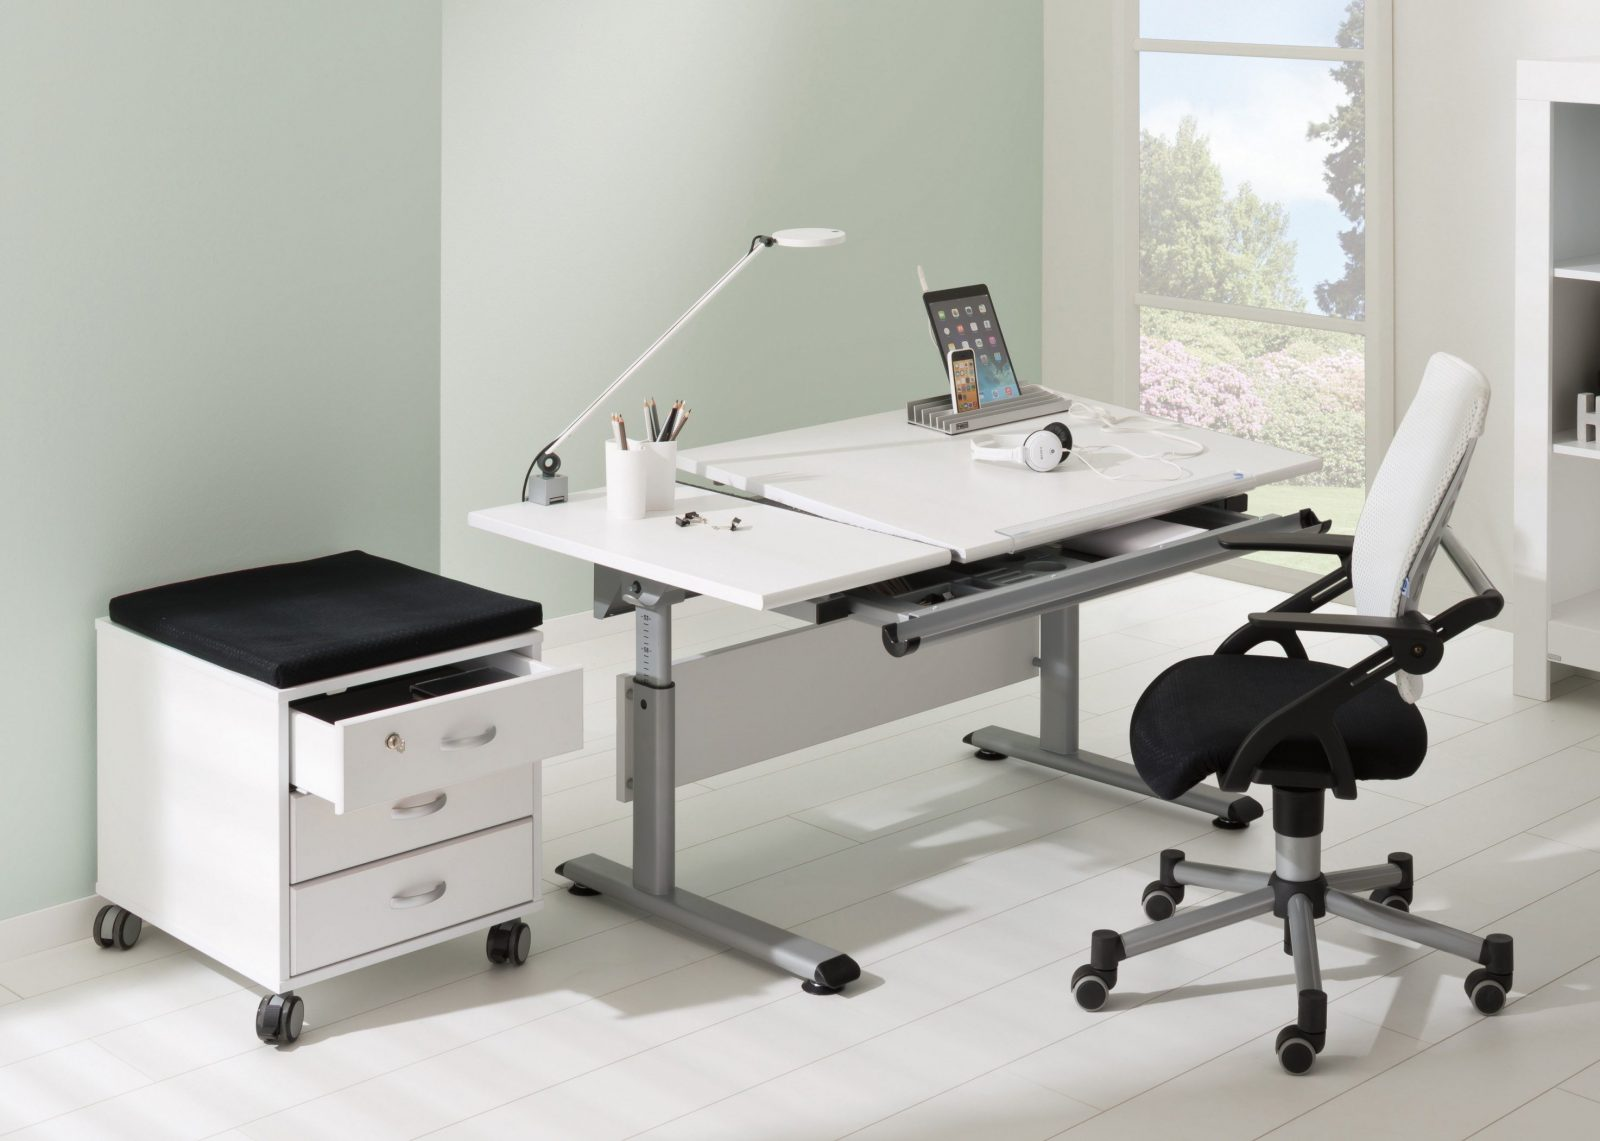 Paidi Marco 2 130 Gt Schreibtisch Weiß  Platte Geteilt  Möbel Letz von Schreibtisch Marco 2 Gt Bild